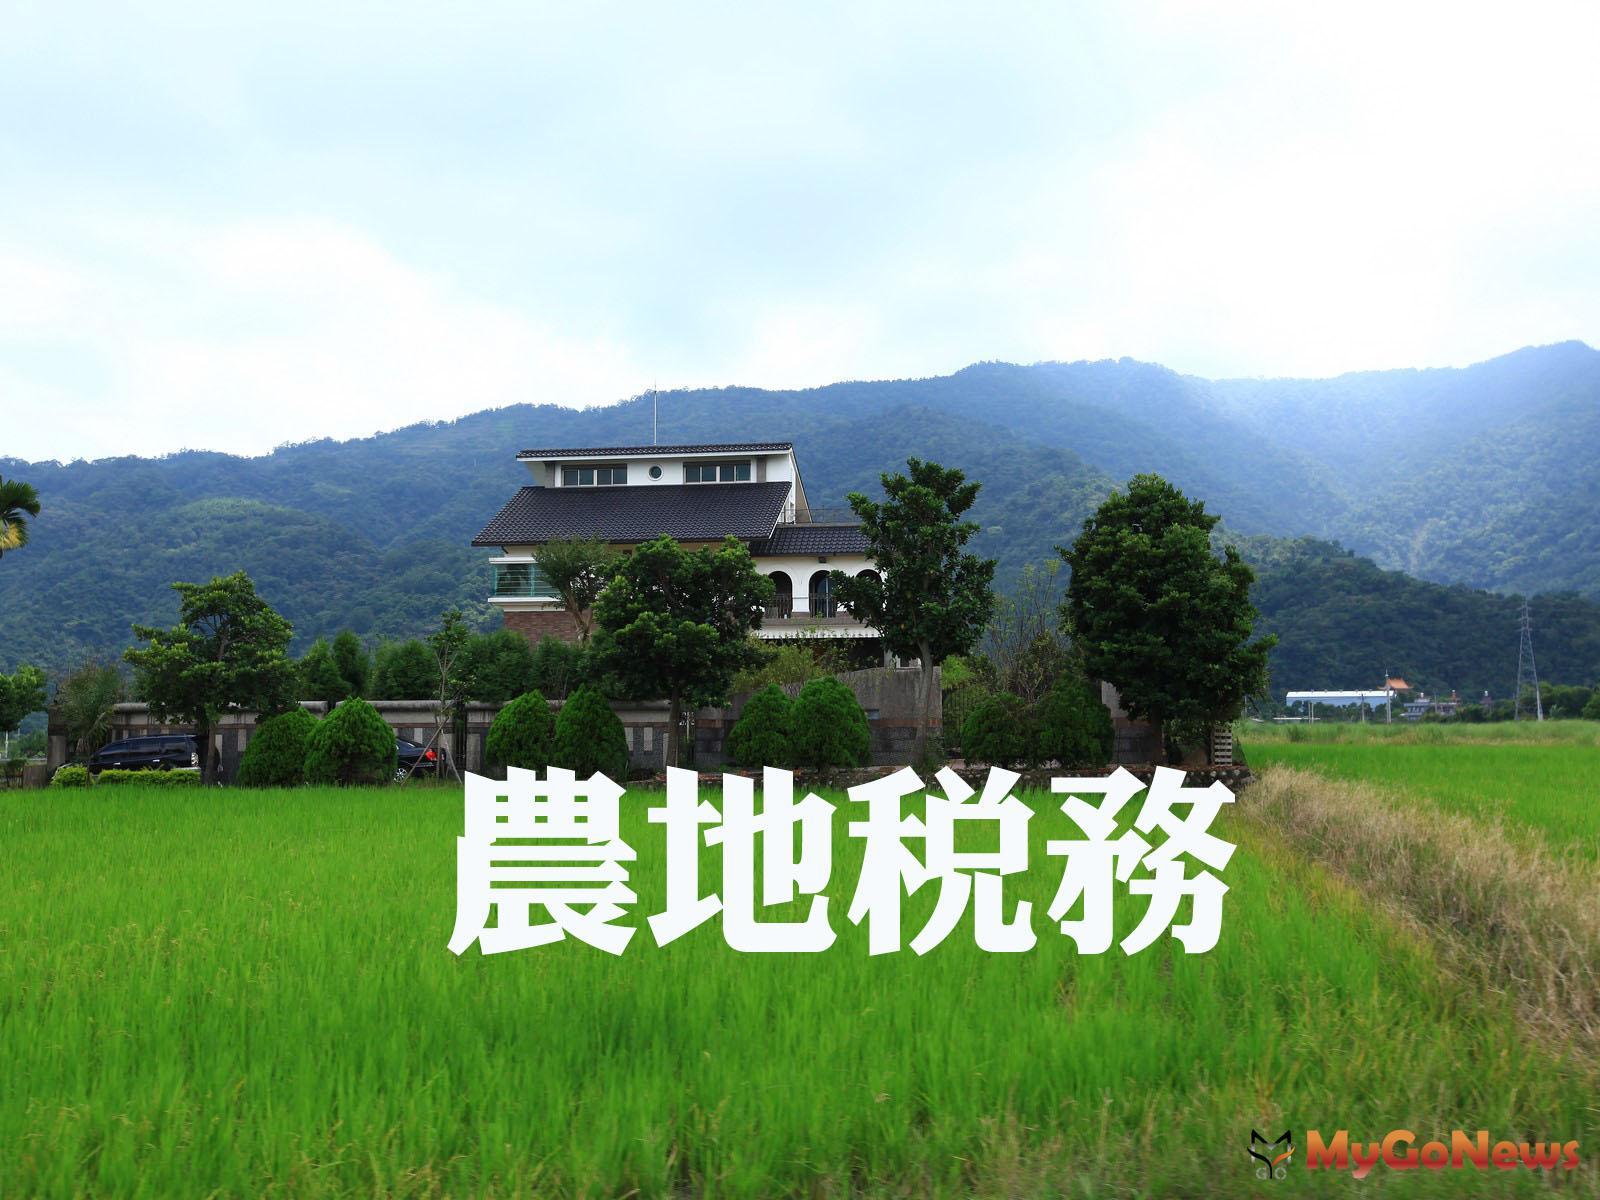 法拍農地如供農業使用,可於期限內申請不課徵土地增值稅 MyGoNews房地產新聞 房地稅務